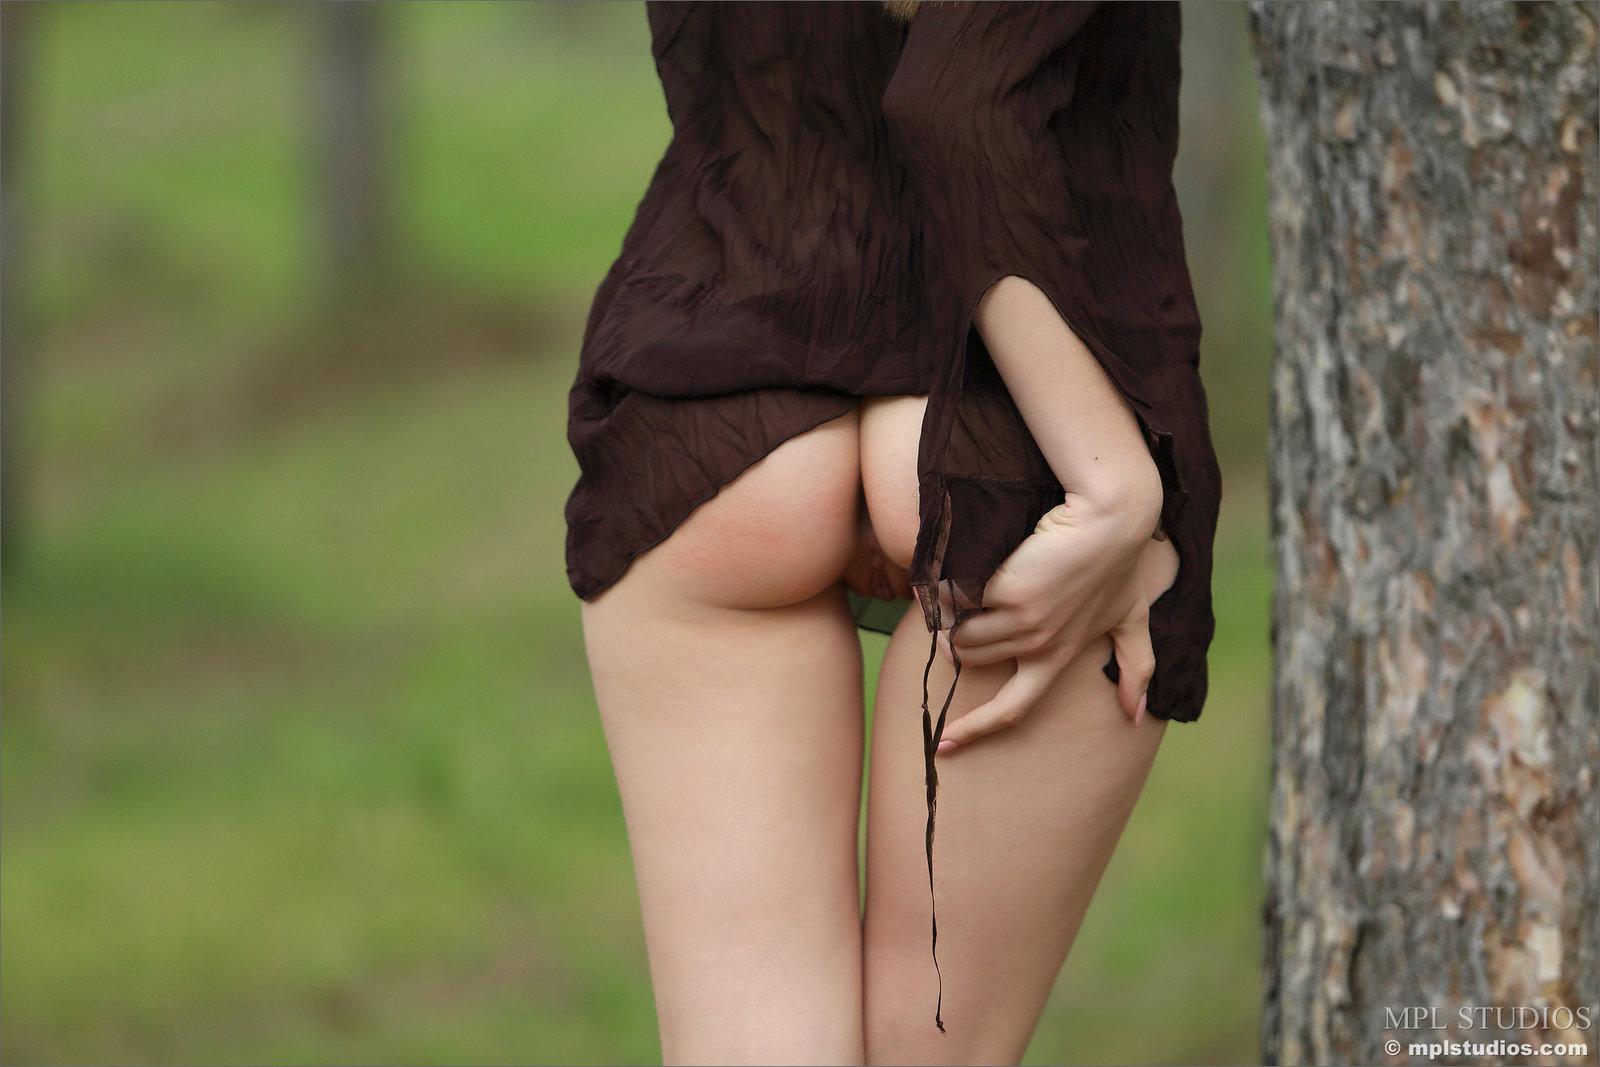 Zdjęcie porno - 0914 - Przystrzyżona szparka w lesie